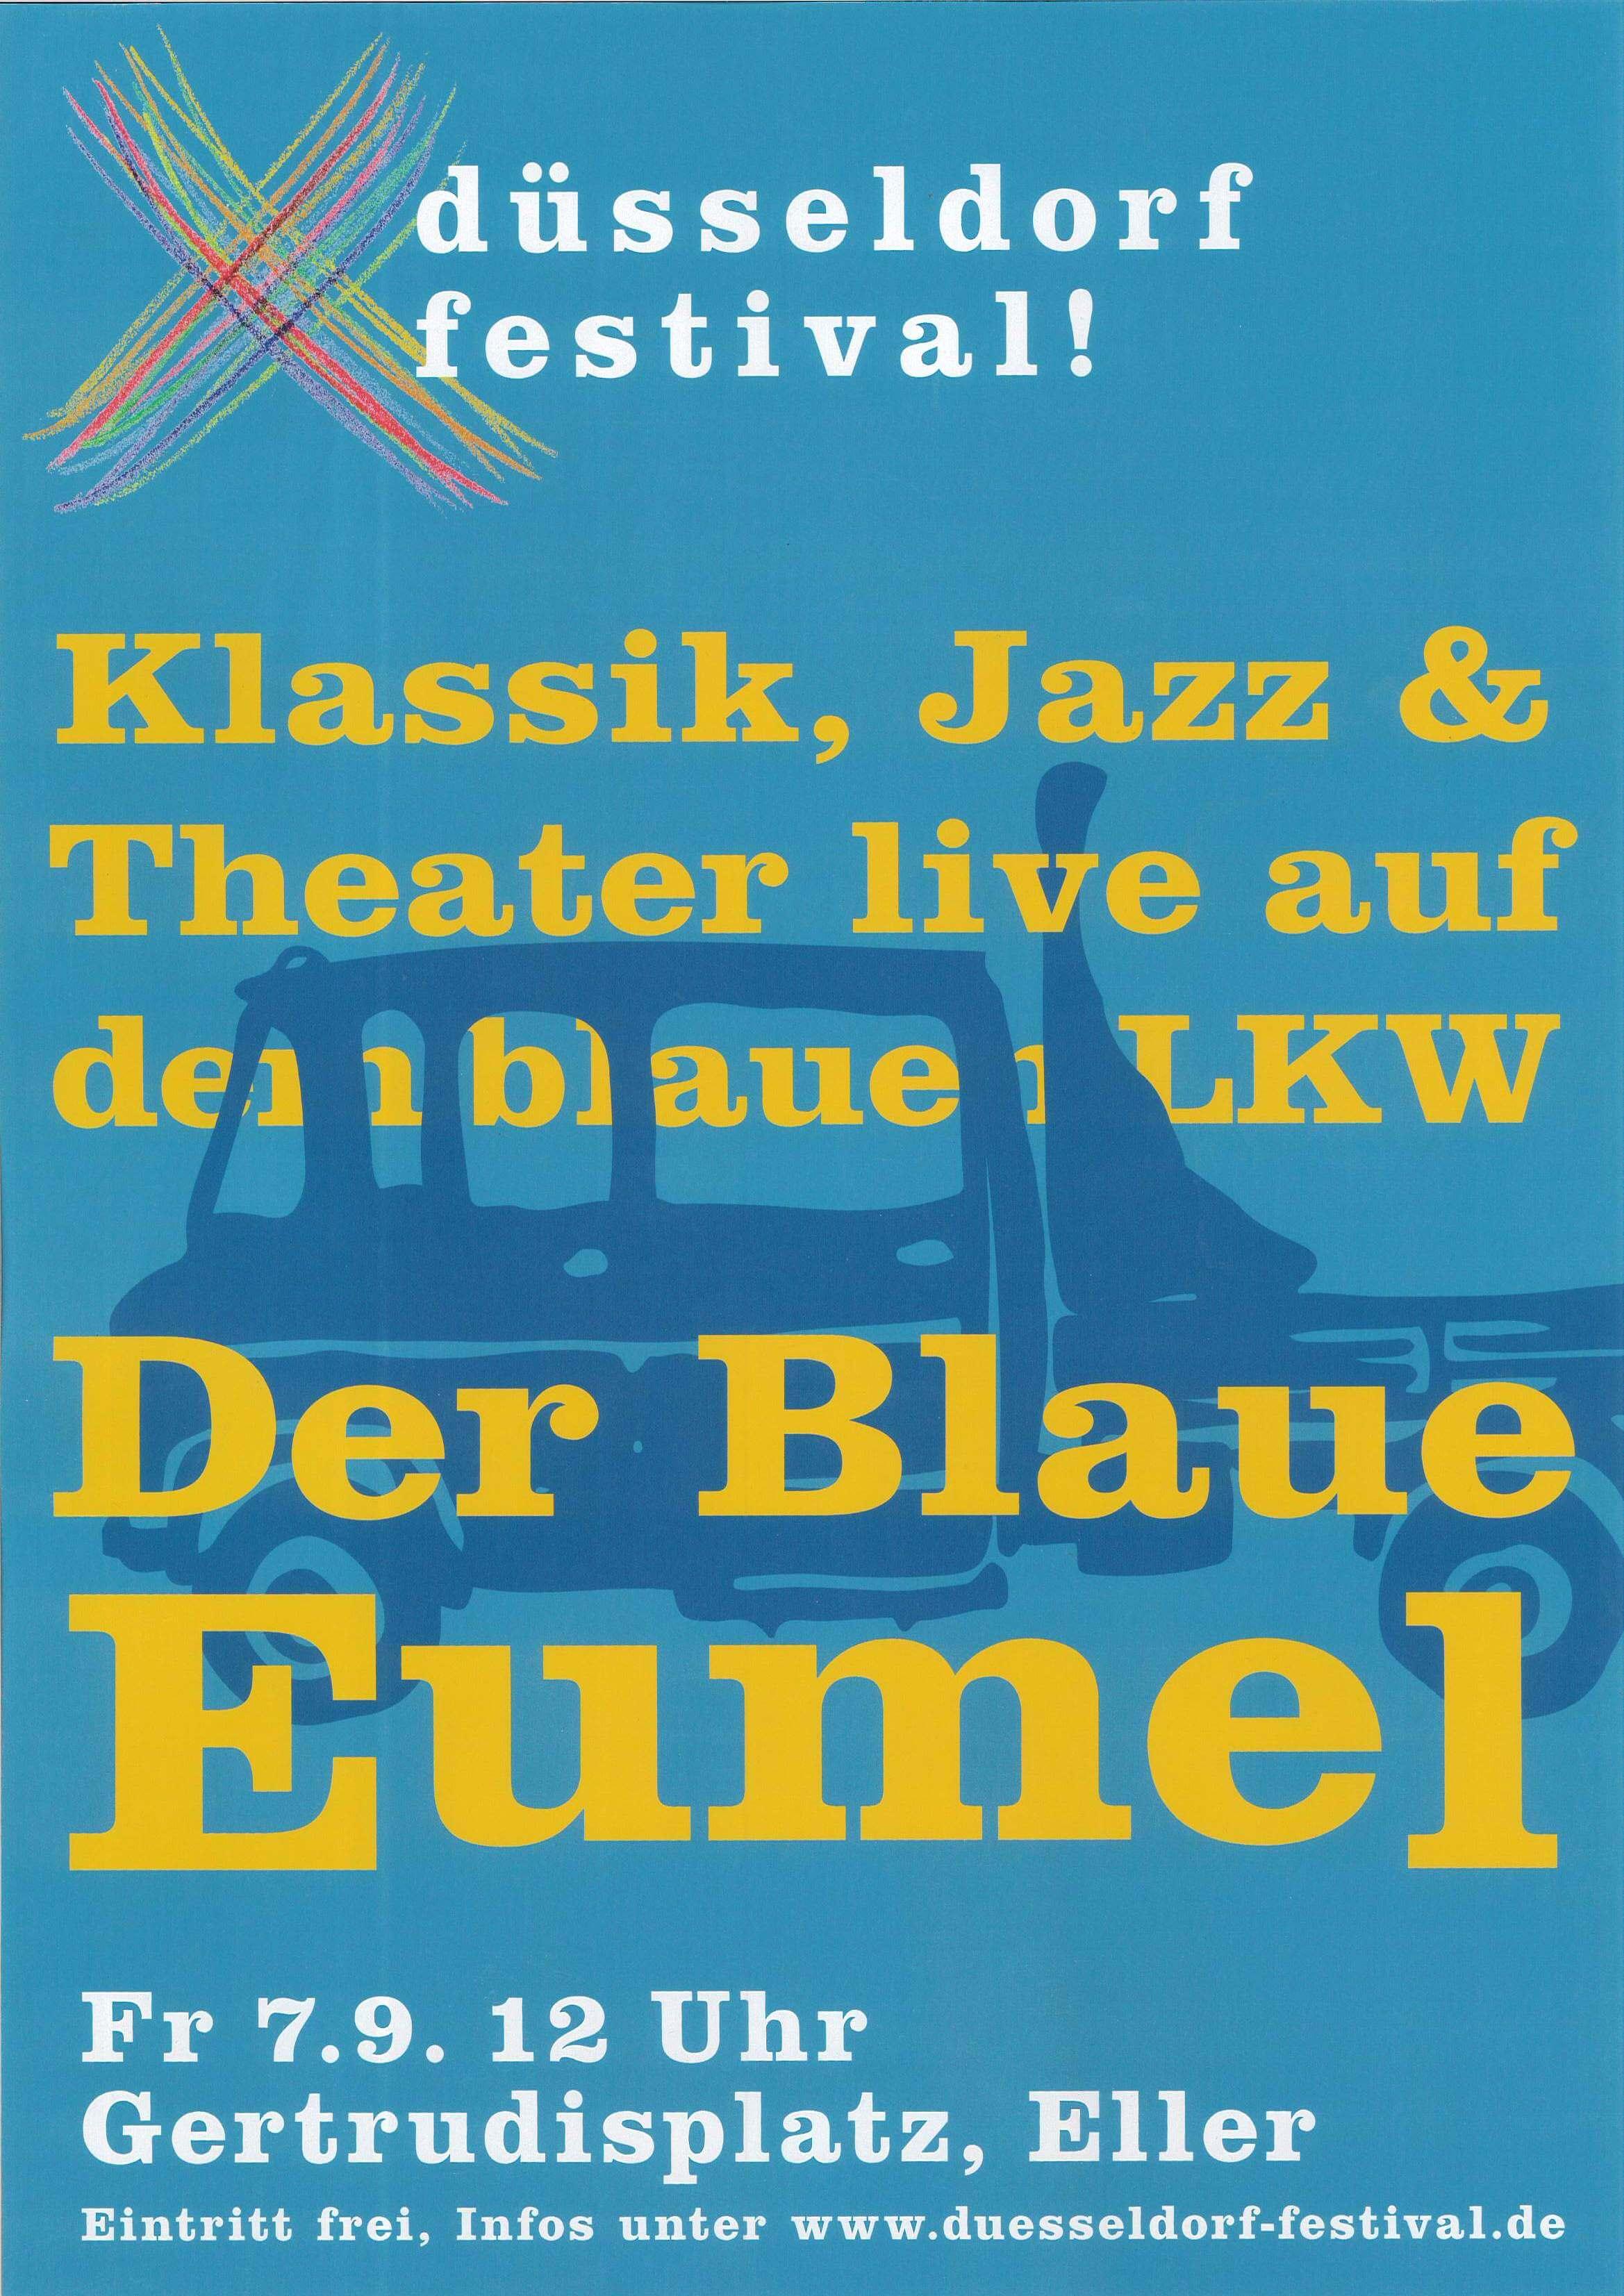 Der Blaue Eumel wieder auf dem Gertrudisplatz.